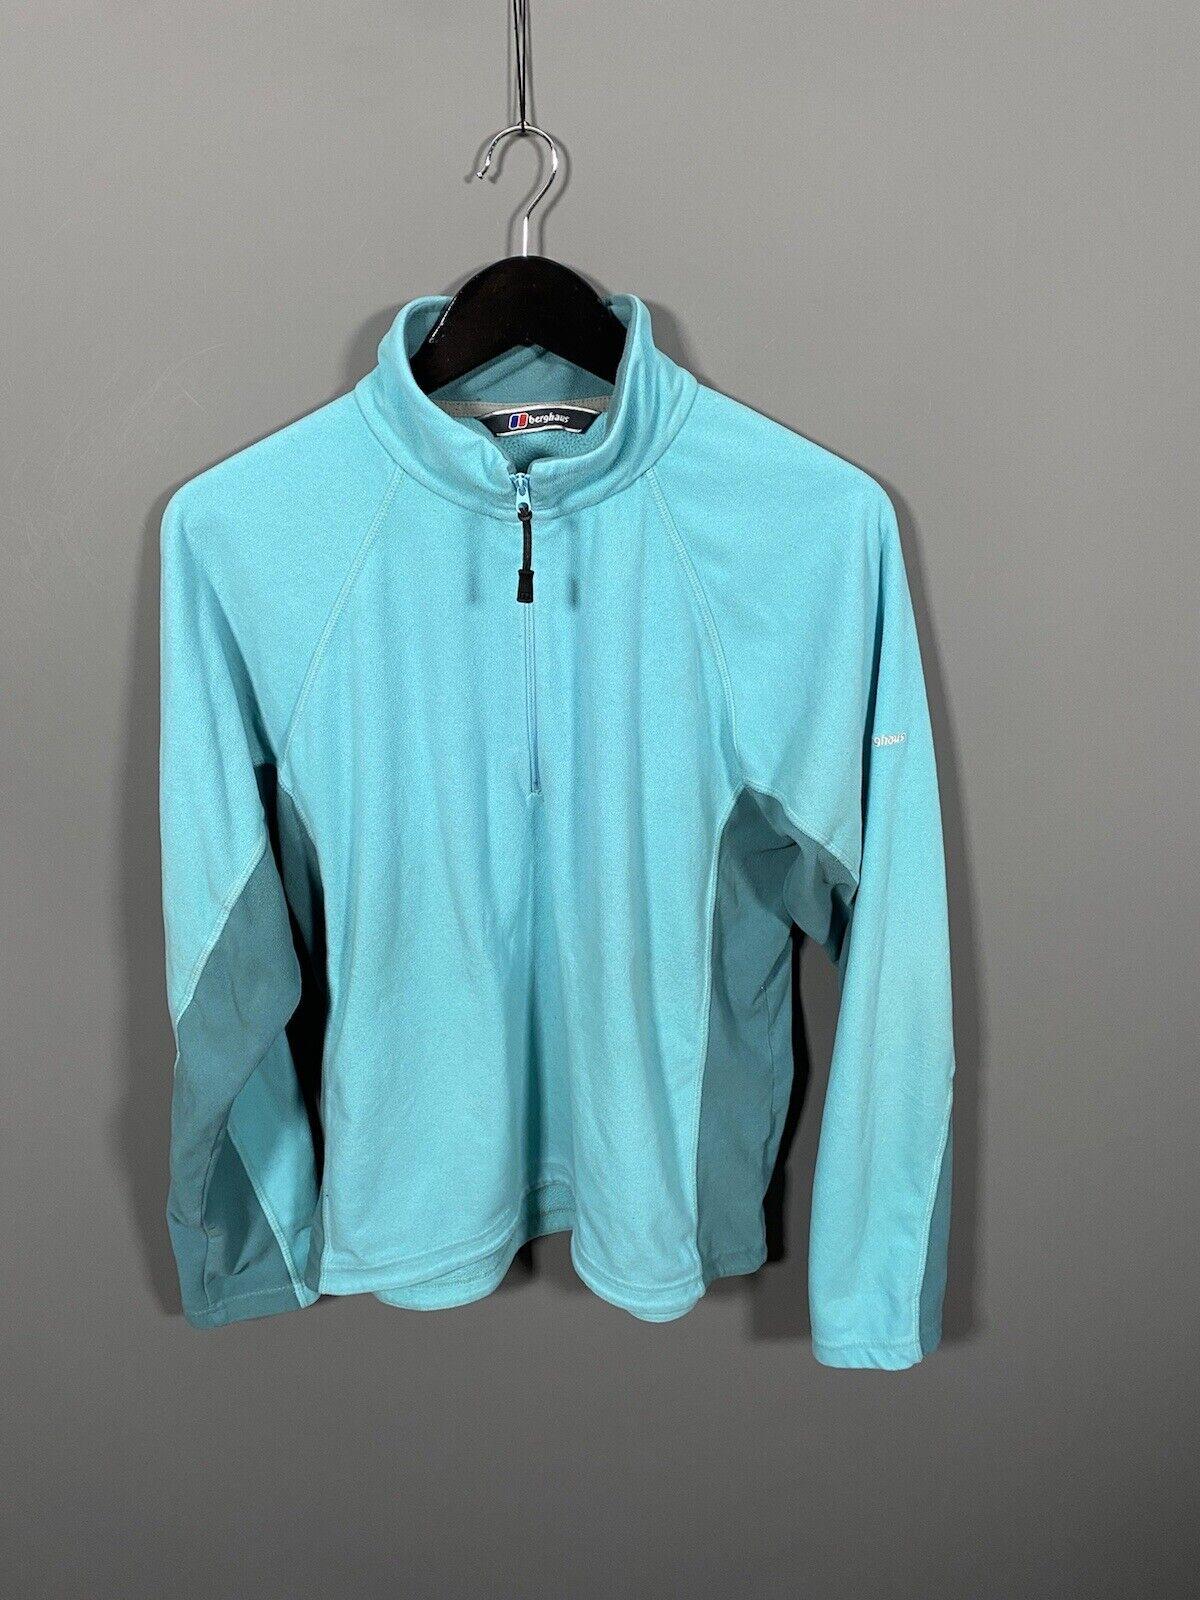 BERGHAUS 1/4 ZIP FLEECE Jacket - UK18 - Turquoise - Great Condition - Women's